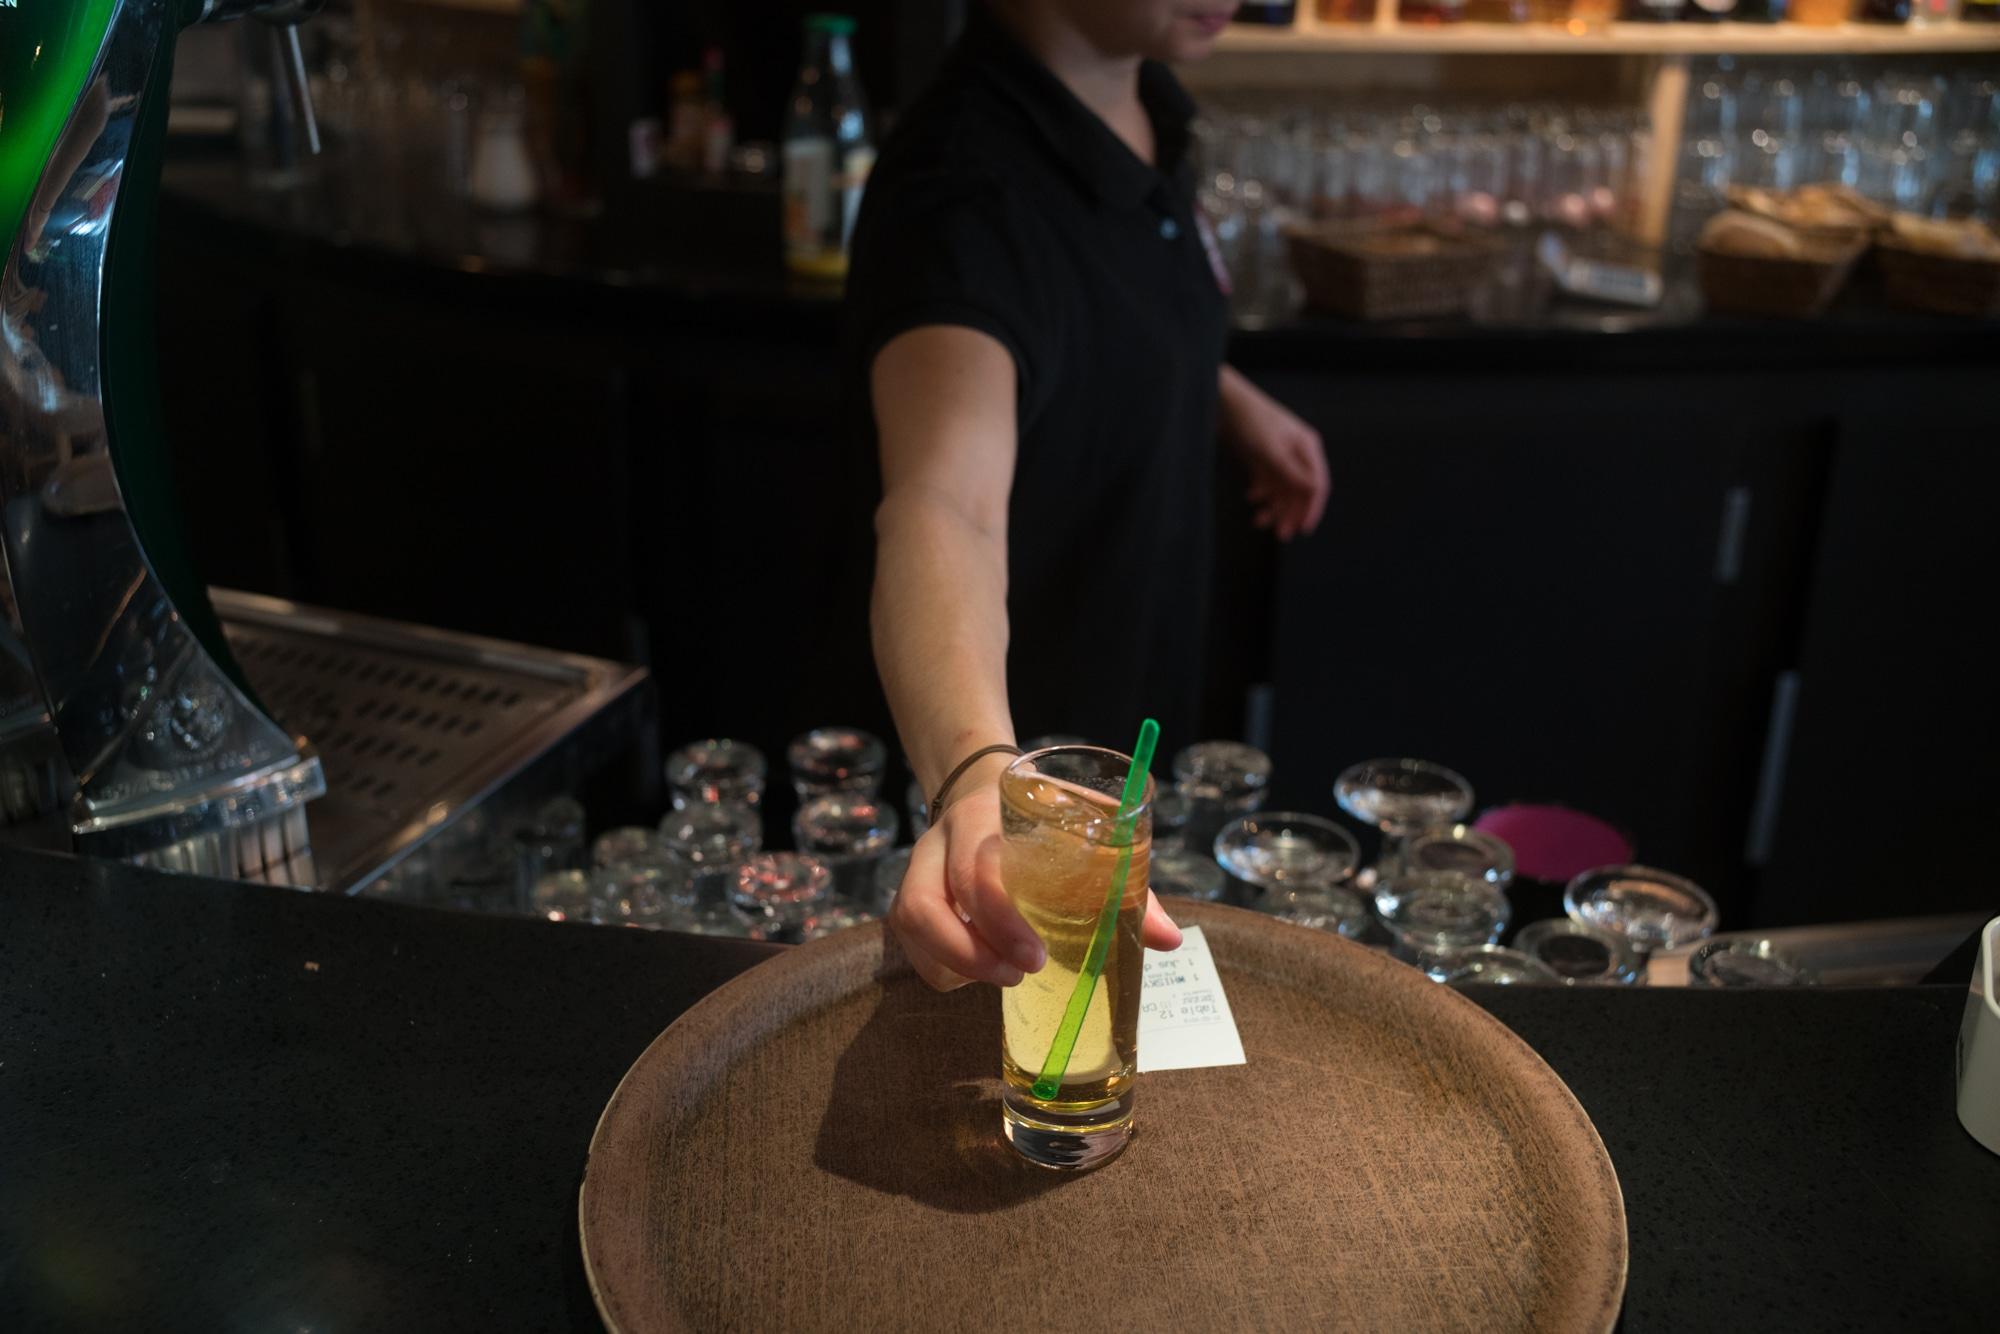 La main d'Océane dépose une boisson sur un plateau à côté de l'addition.